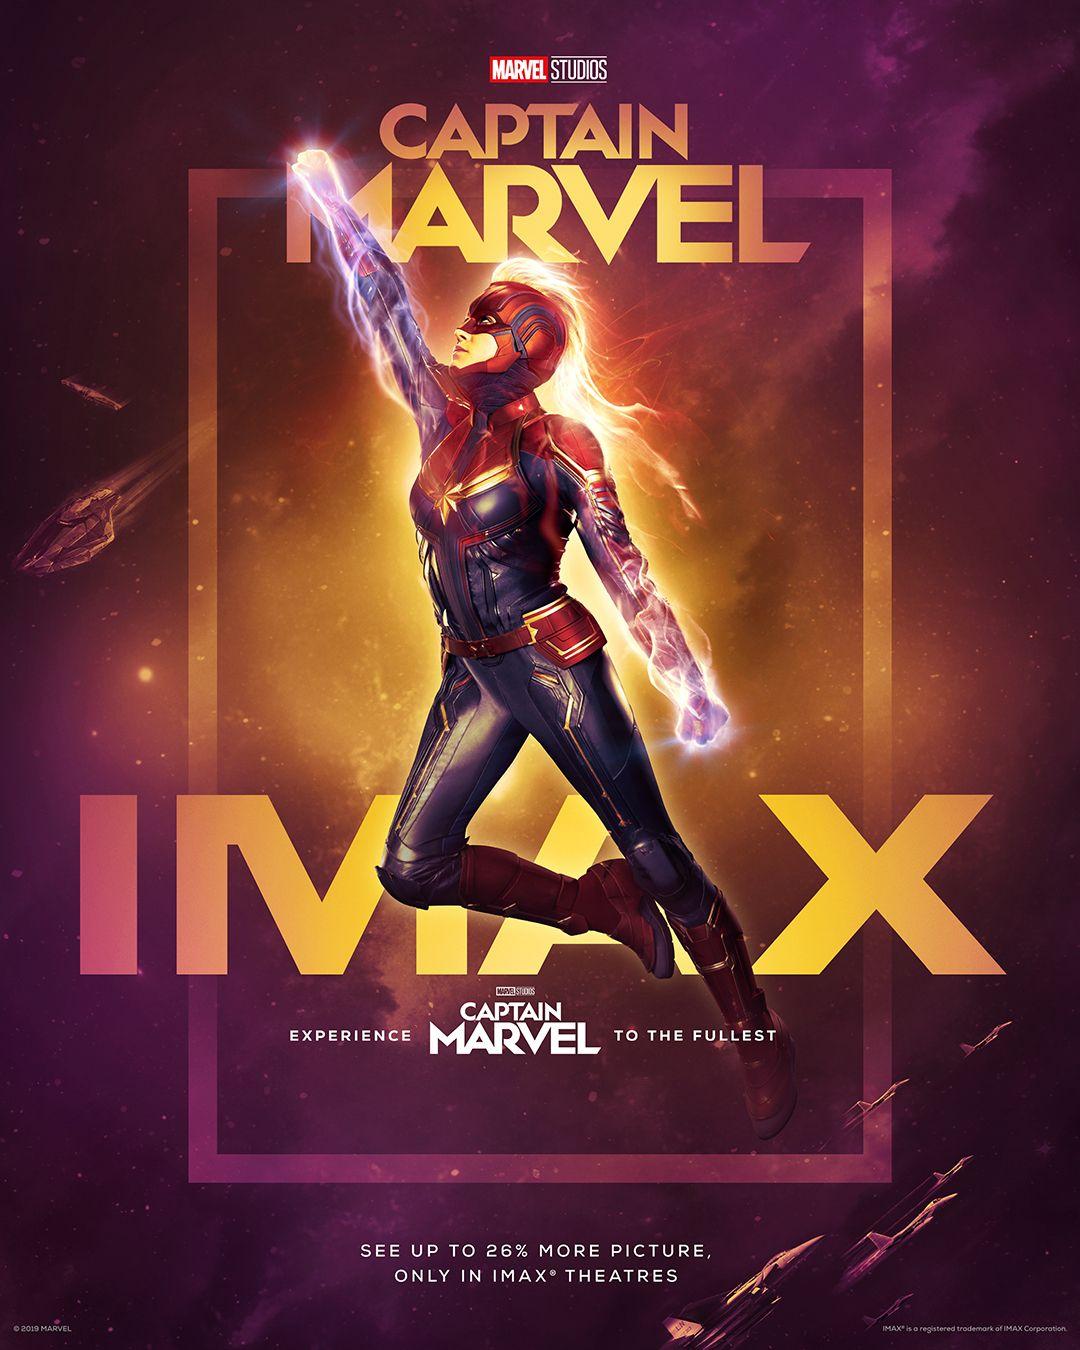 Captain-Marvel-IMAX-1080x1350.jpg?q=50&f